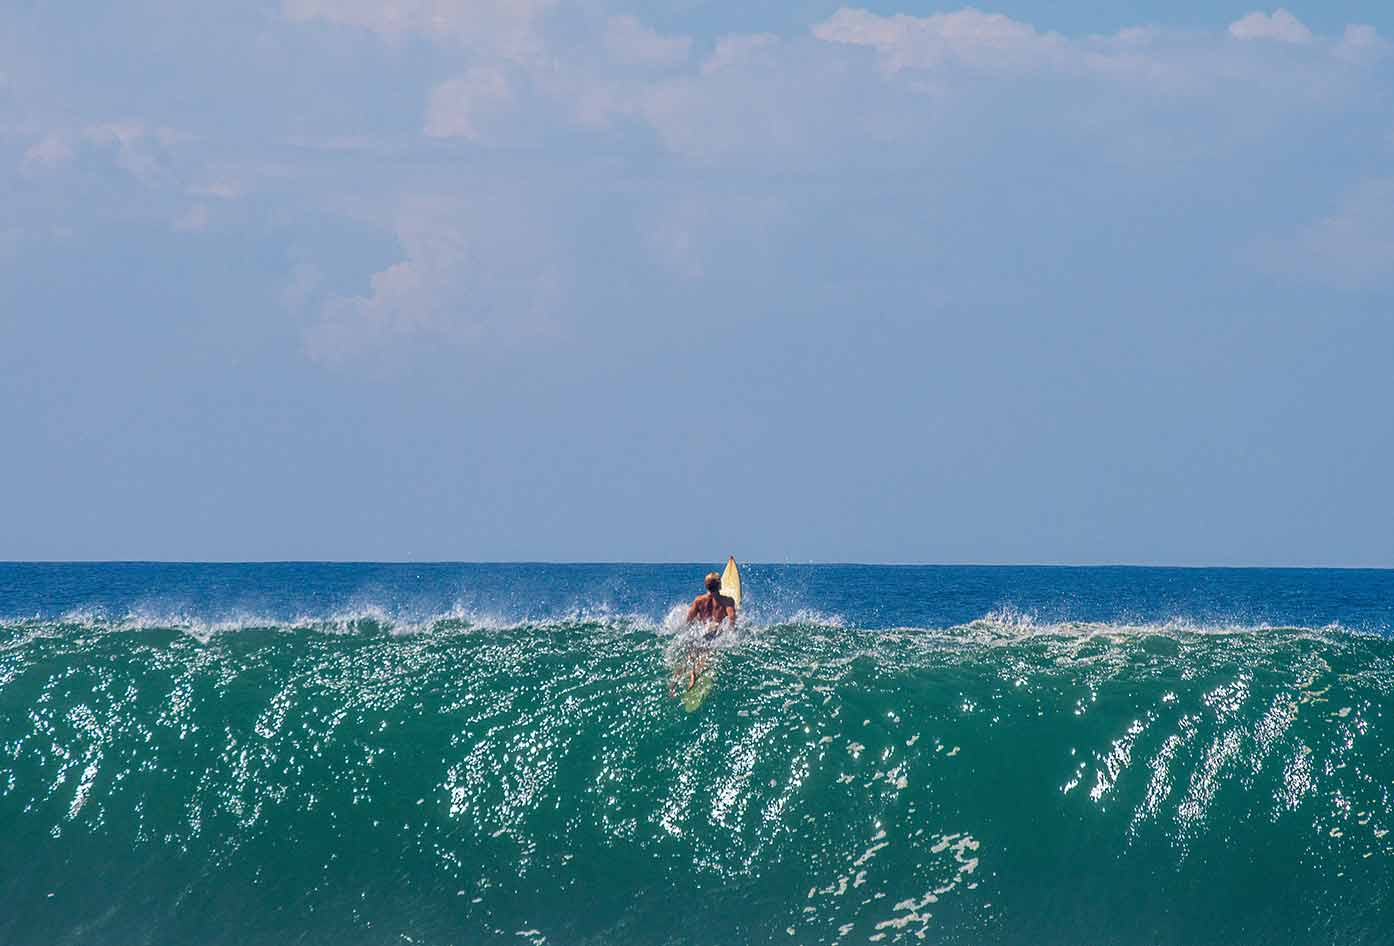 surfing zicatela oaxaca